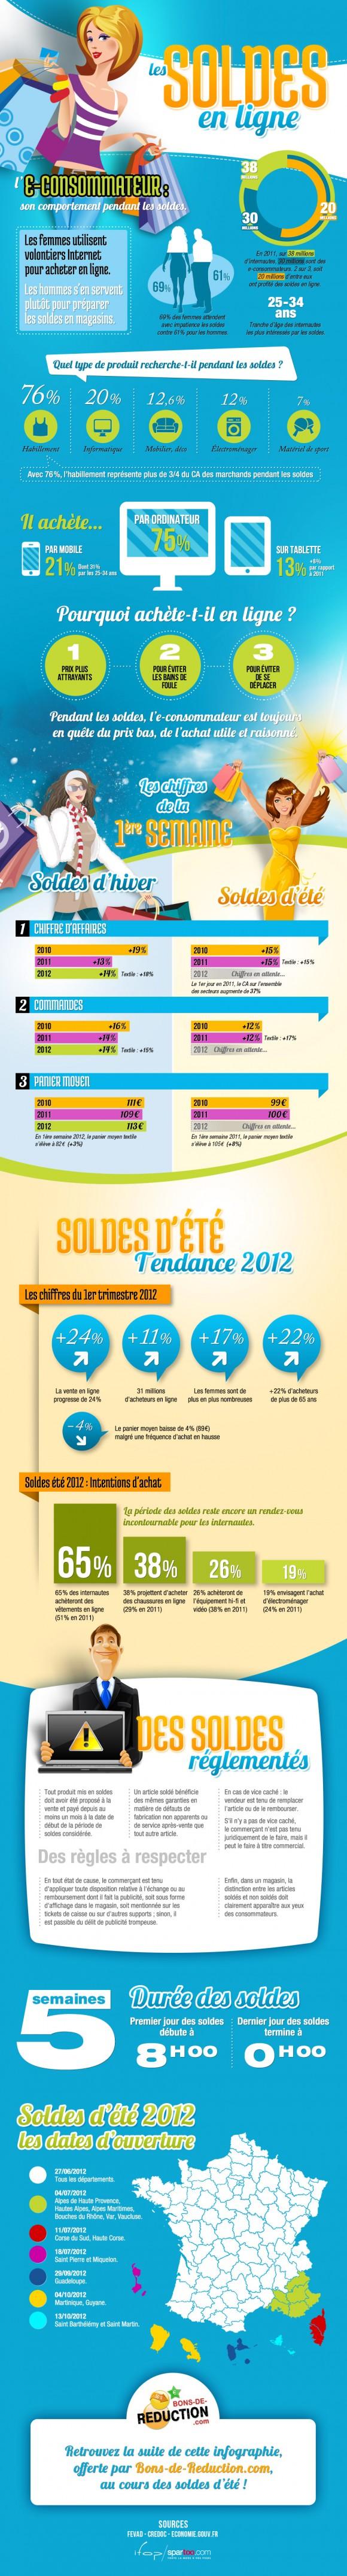 Dates soldes hiver 2012 - Date des soldes d ete 2017 ...